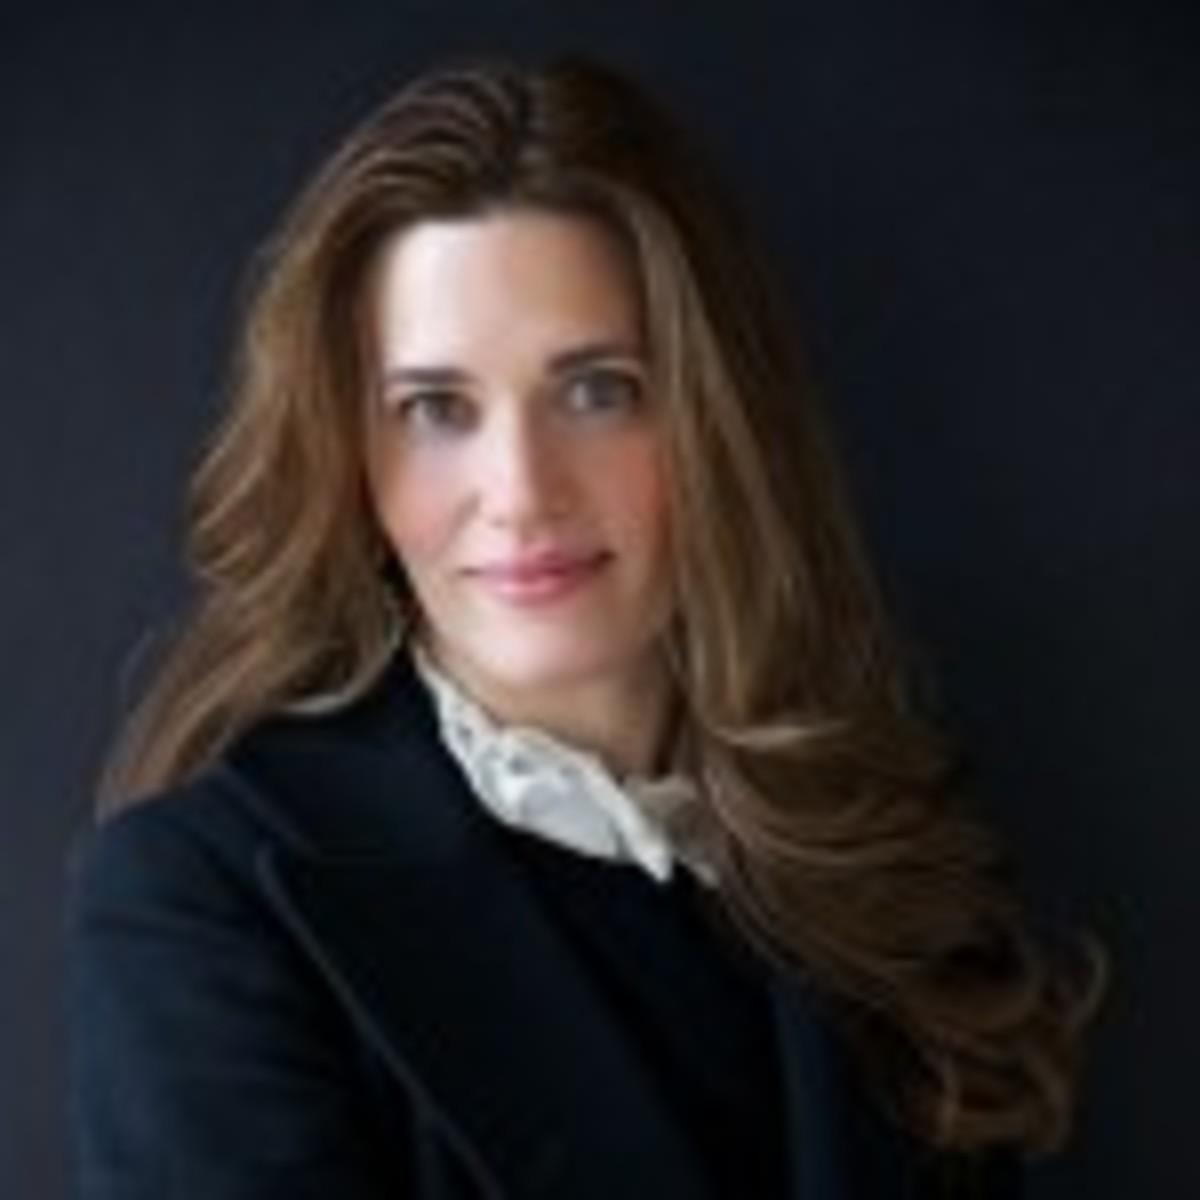 Victoria Bratberg